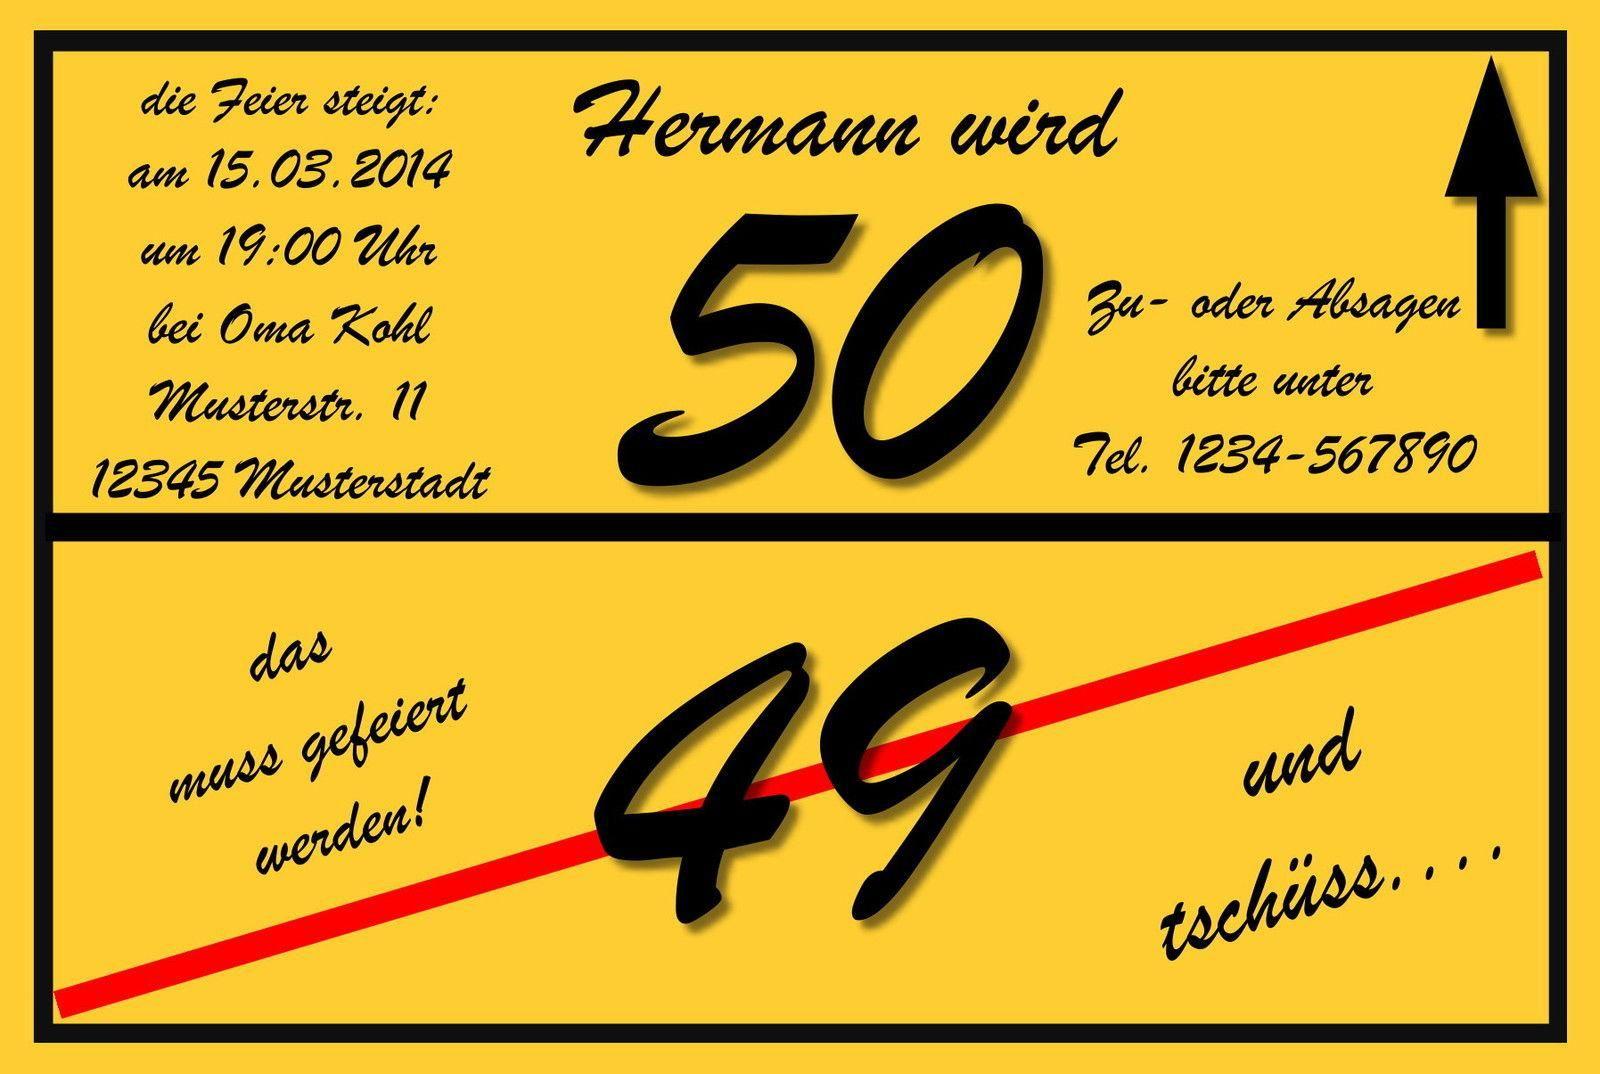 superior 50 geburtstag einladungskarten #3: einladungskarten-zum-50-geburtstag-spruche